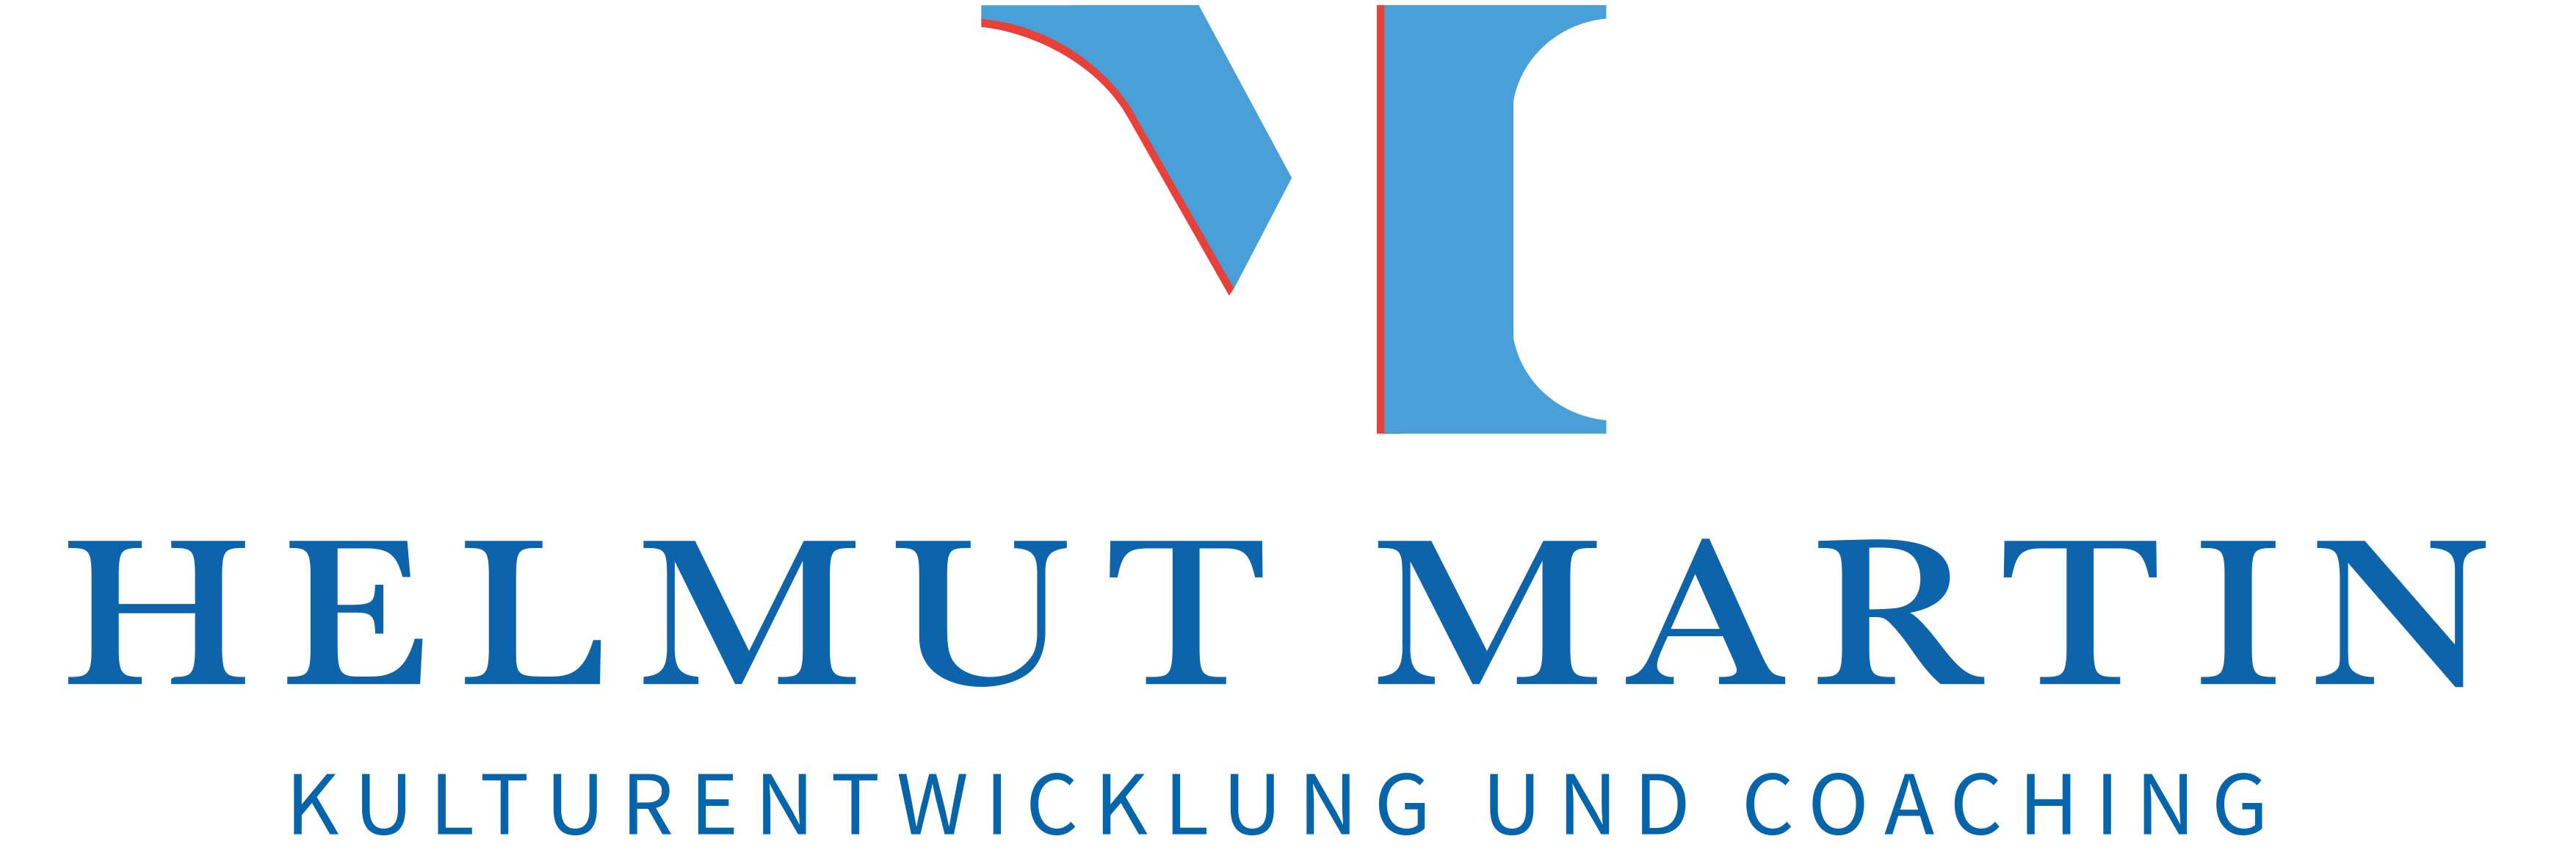 Helmut Martin Kulturentwicklung und Coaching